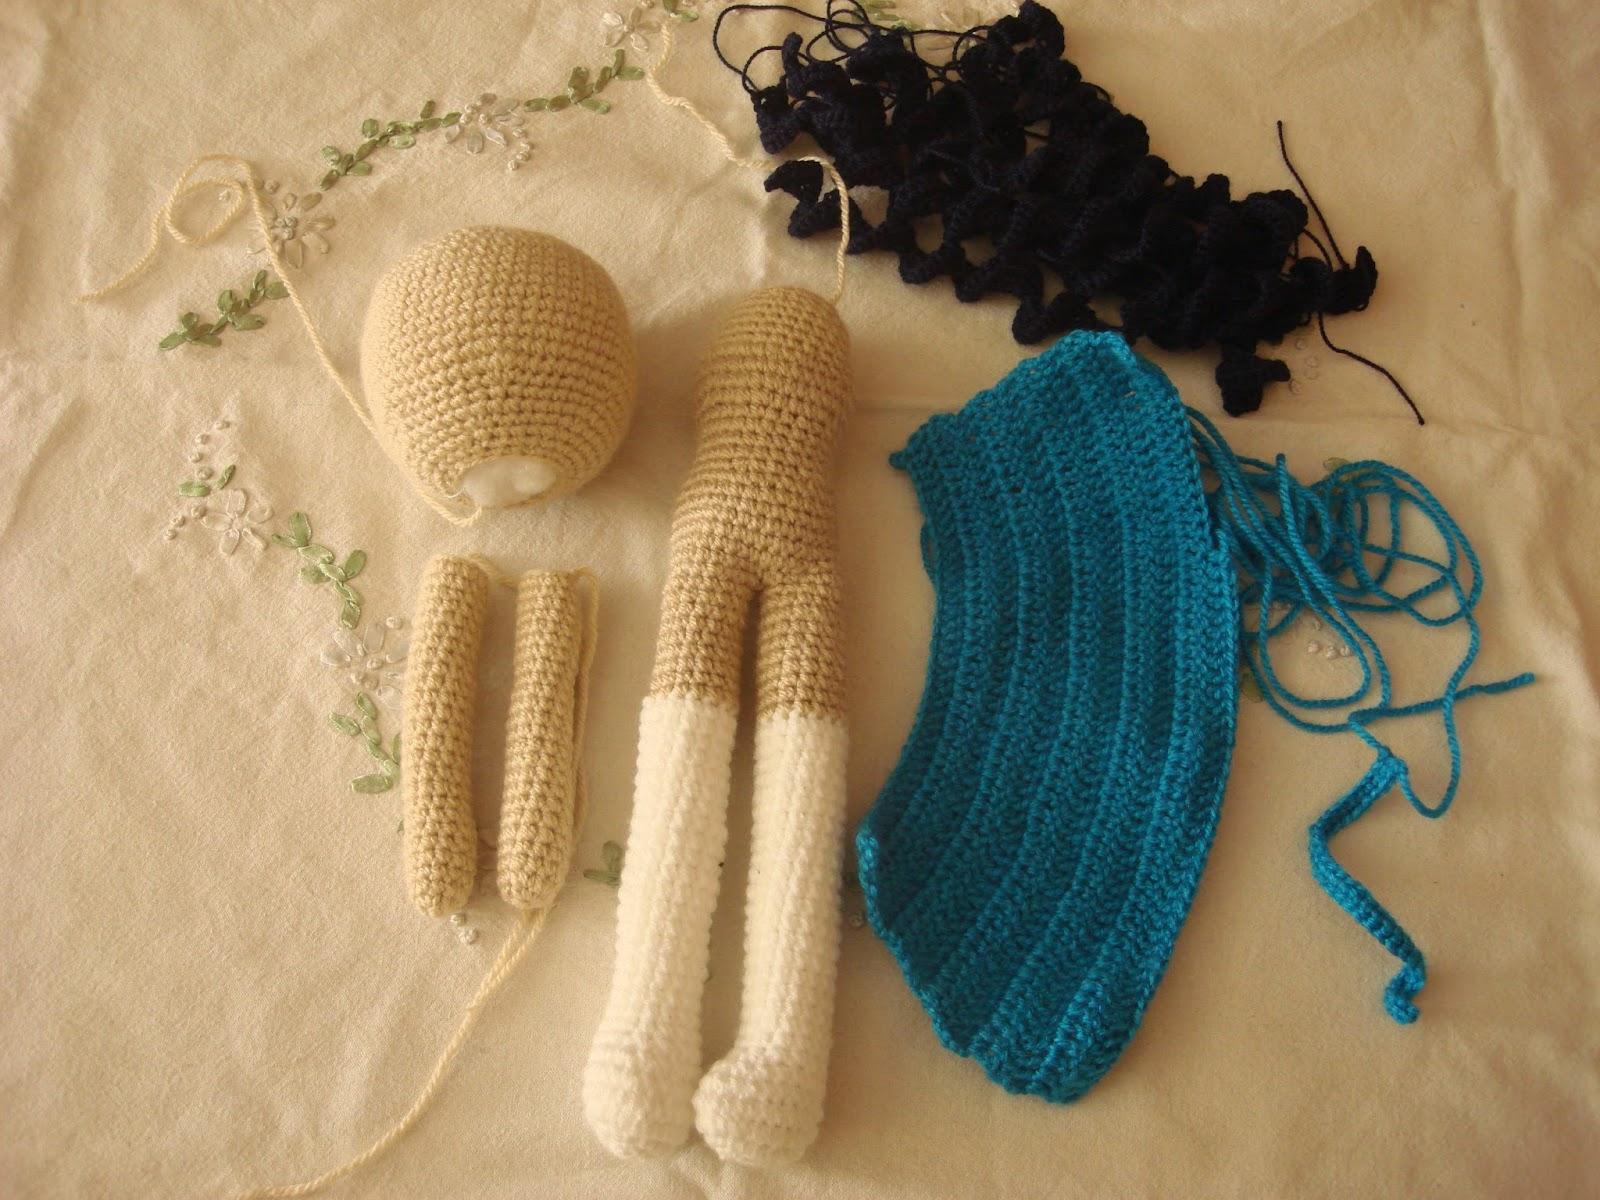 Encantador Los Patrones De Crochet Libre De Rizado Patrón - Ideas de ...